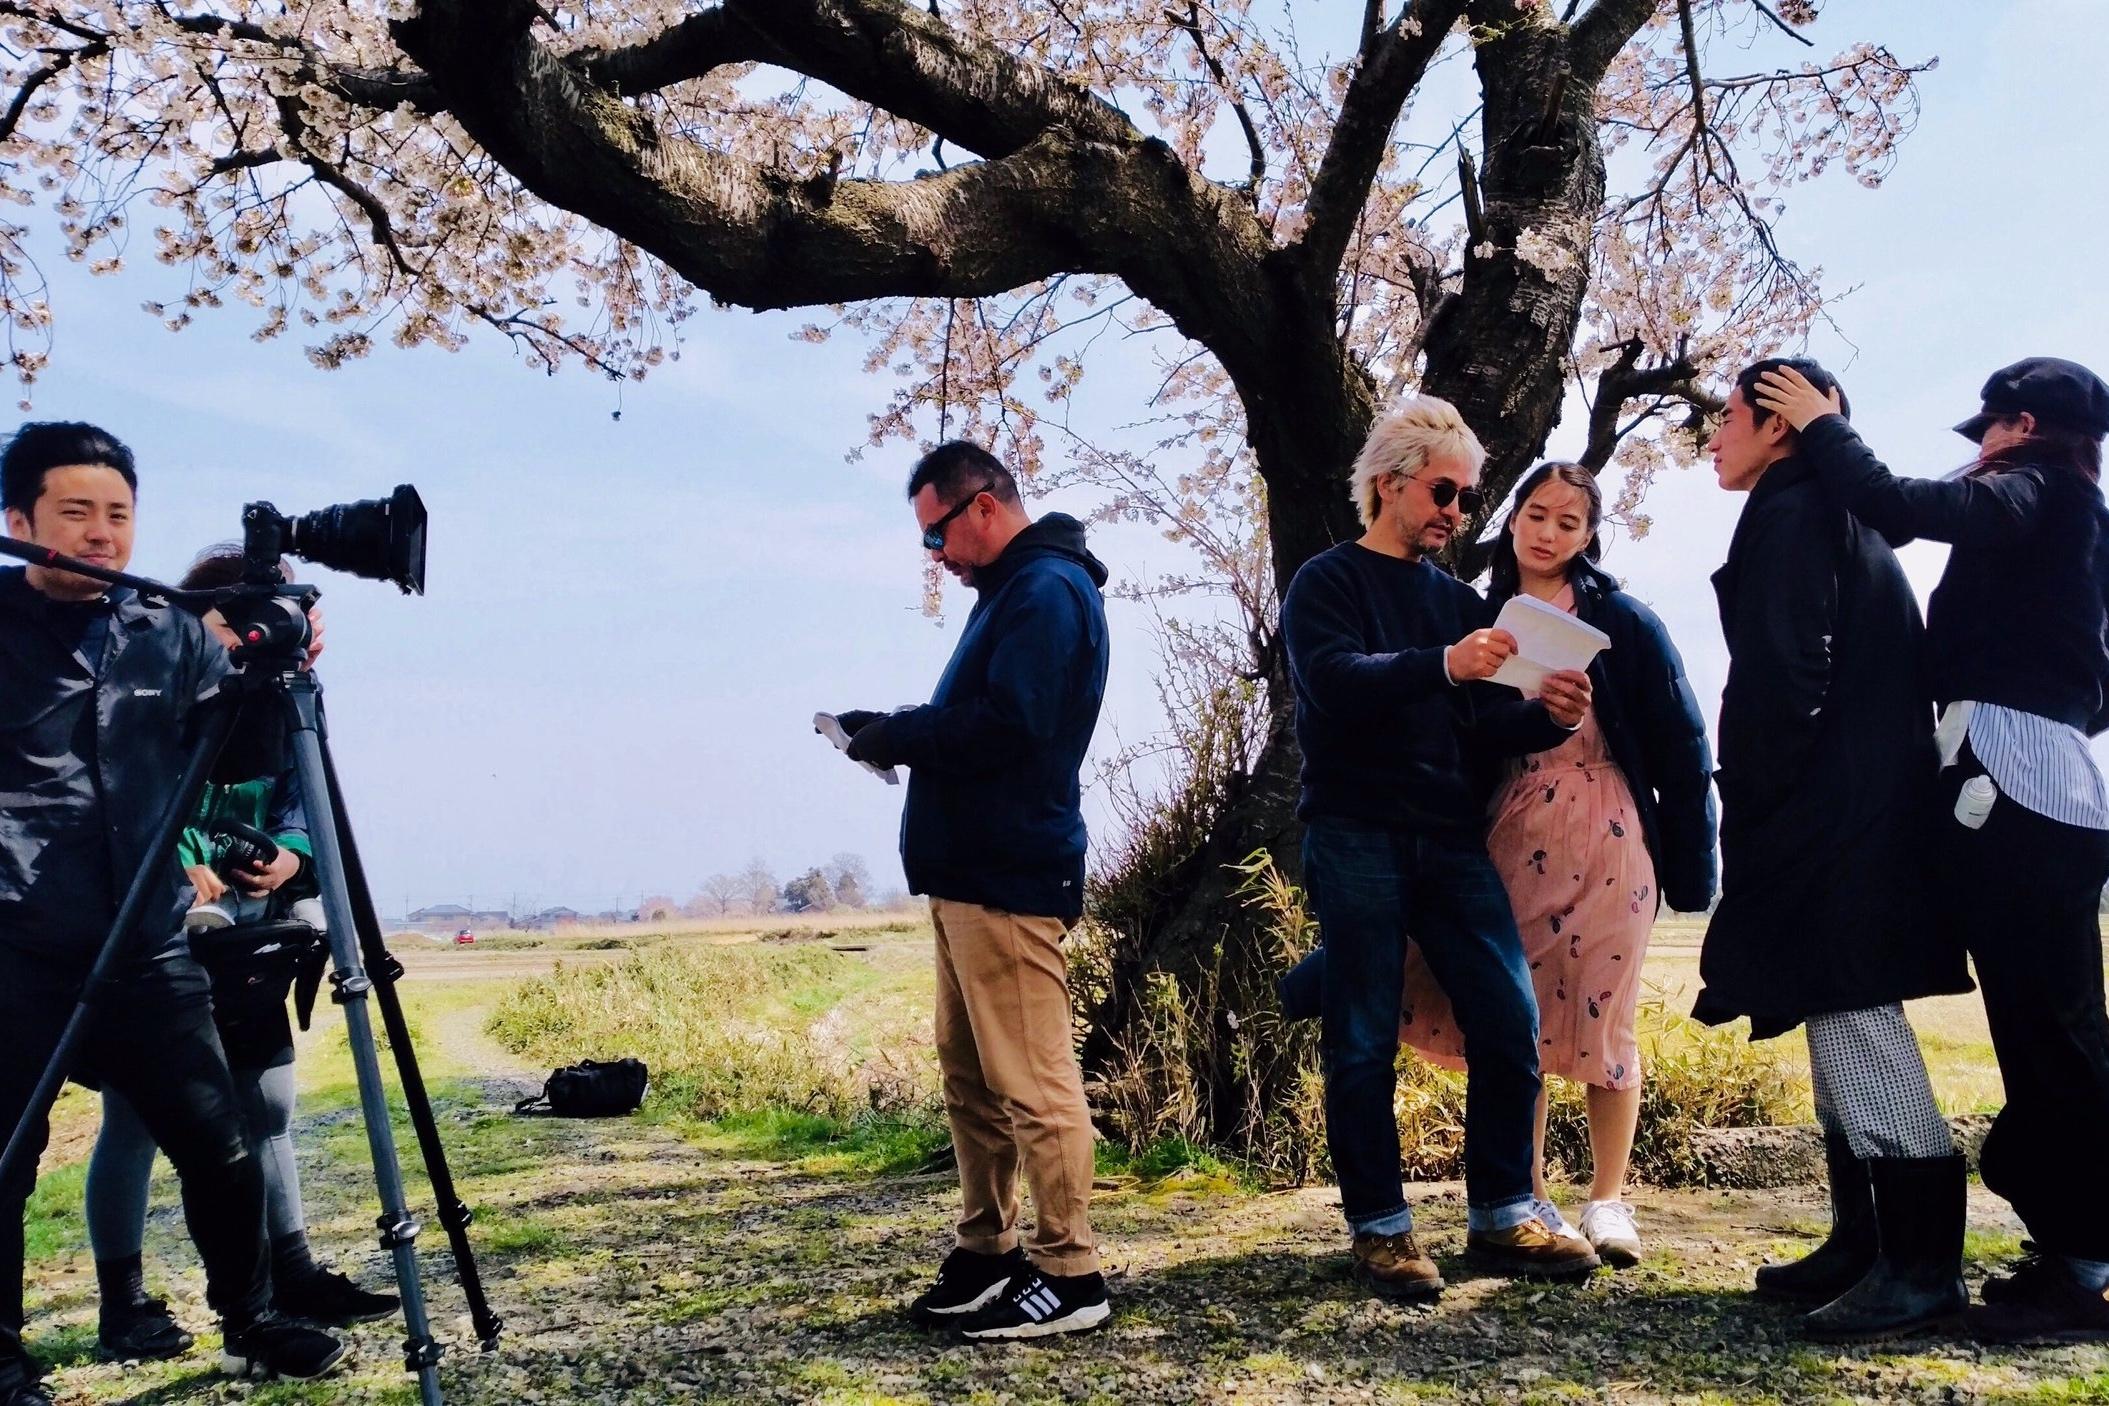 大慌てで始まった春編の撮影。強風の中、悪戦苦闘しながら撮影が行われた。